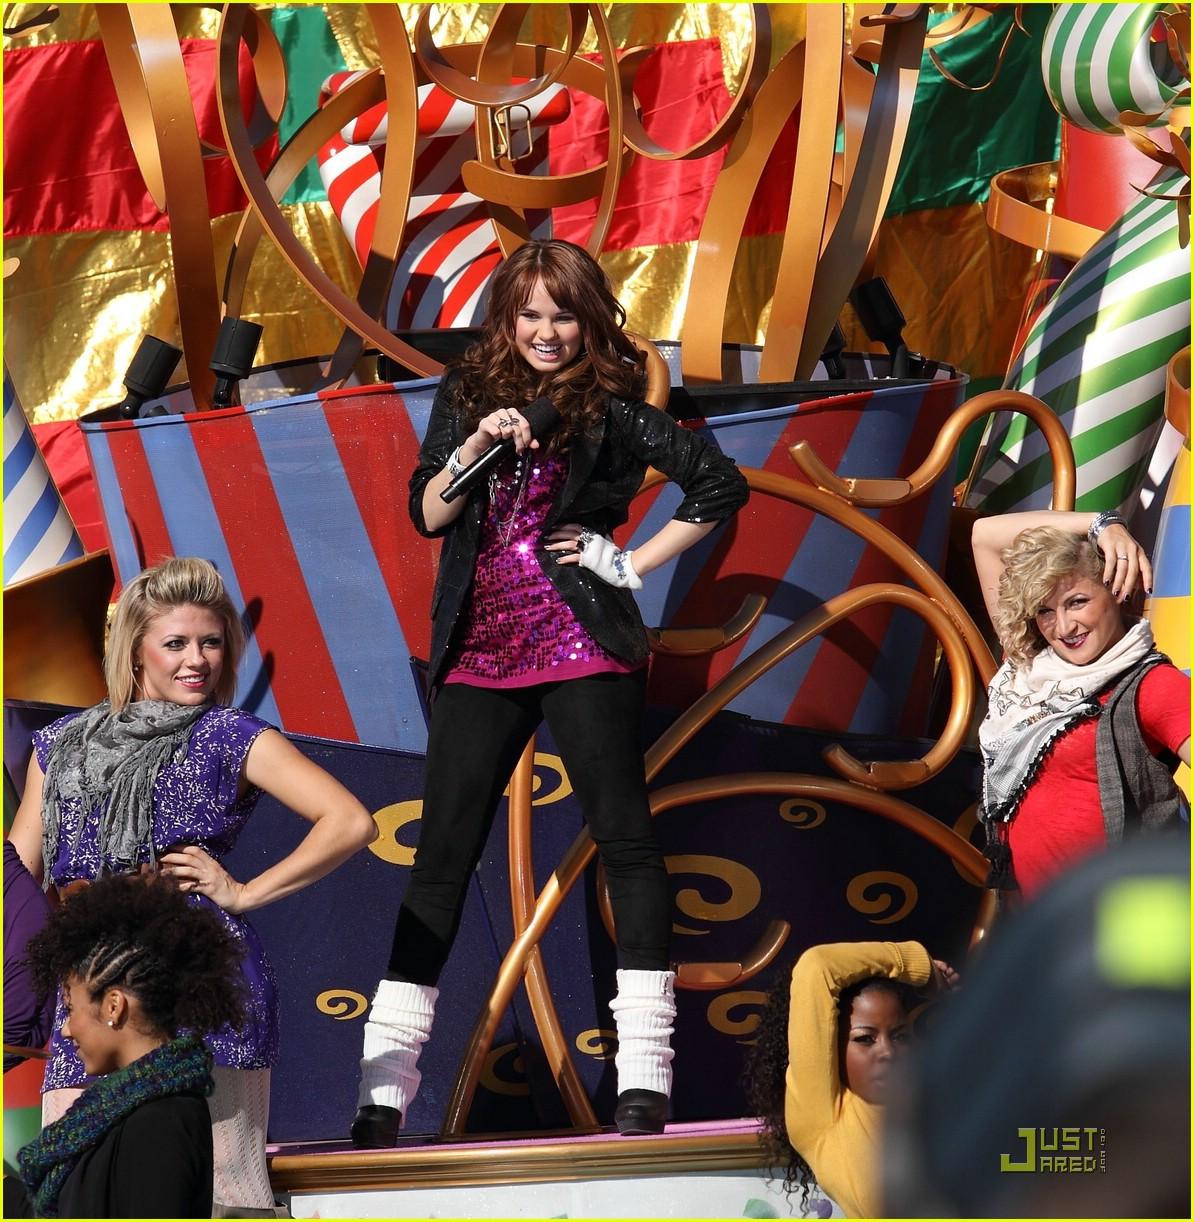 http://4.bp.blogspot.com/_V6725Cm7kx4/TPkuL5VMtjI/AAAAAAAACes/GPpejrxeJQw/s1600/debby-ryan-disney-parade-01.jpg